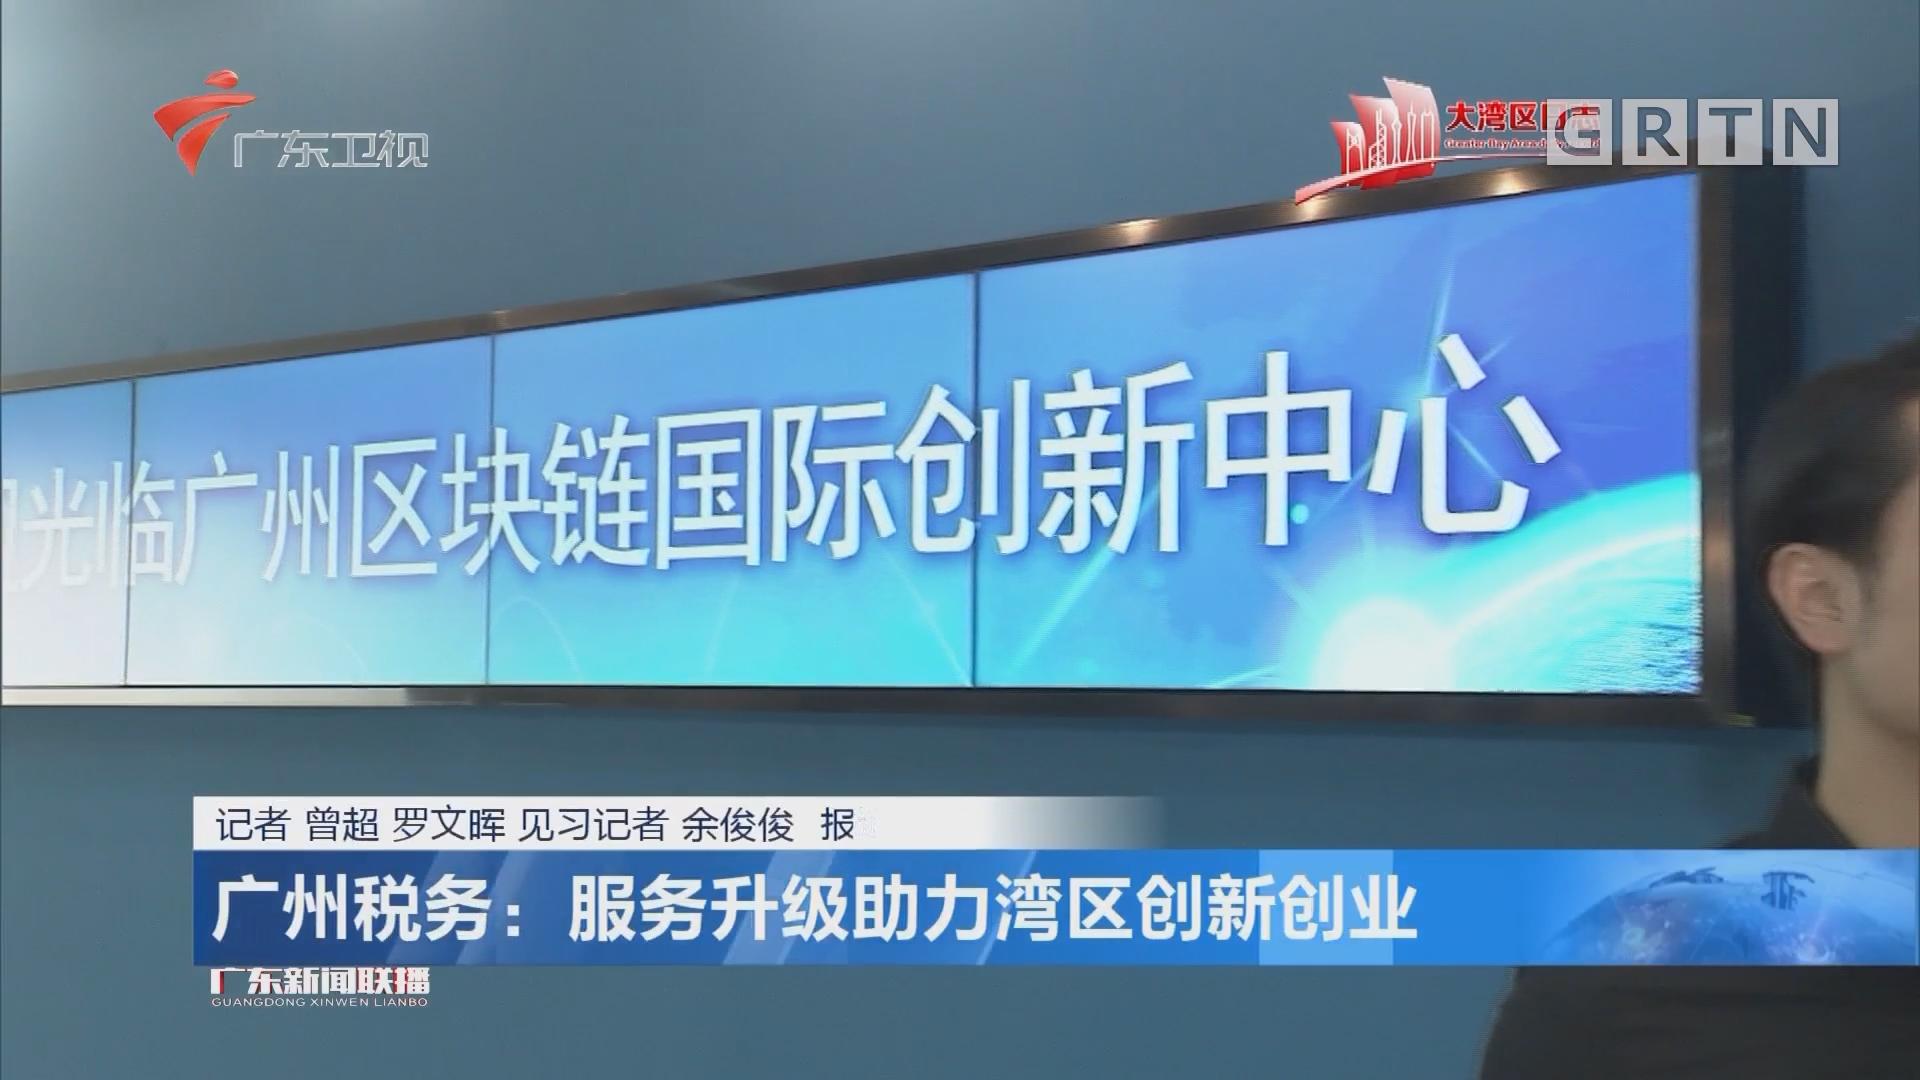 广州税务:服务升级助力湾区创新创业